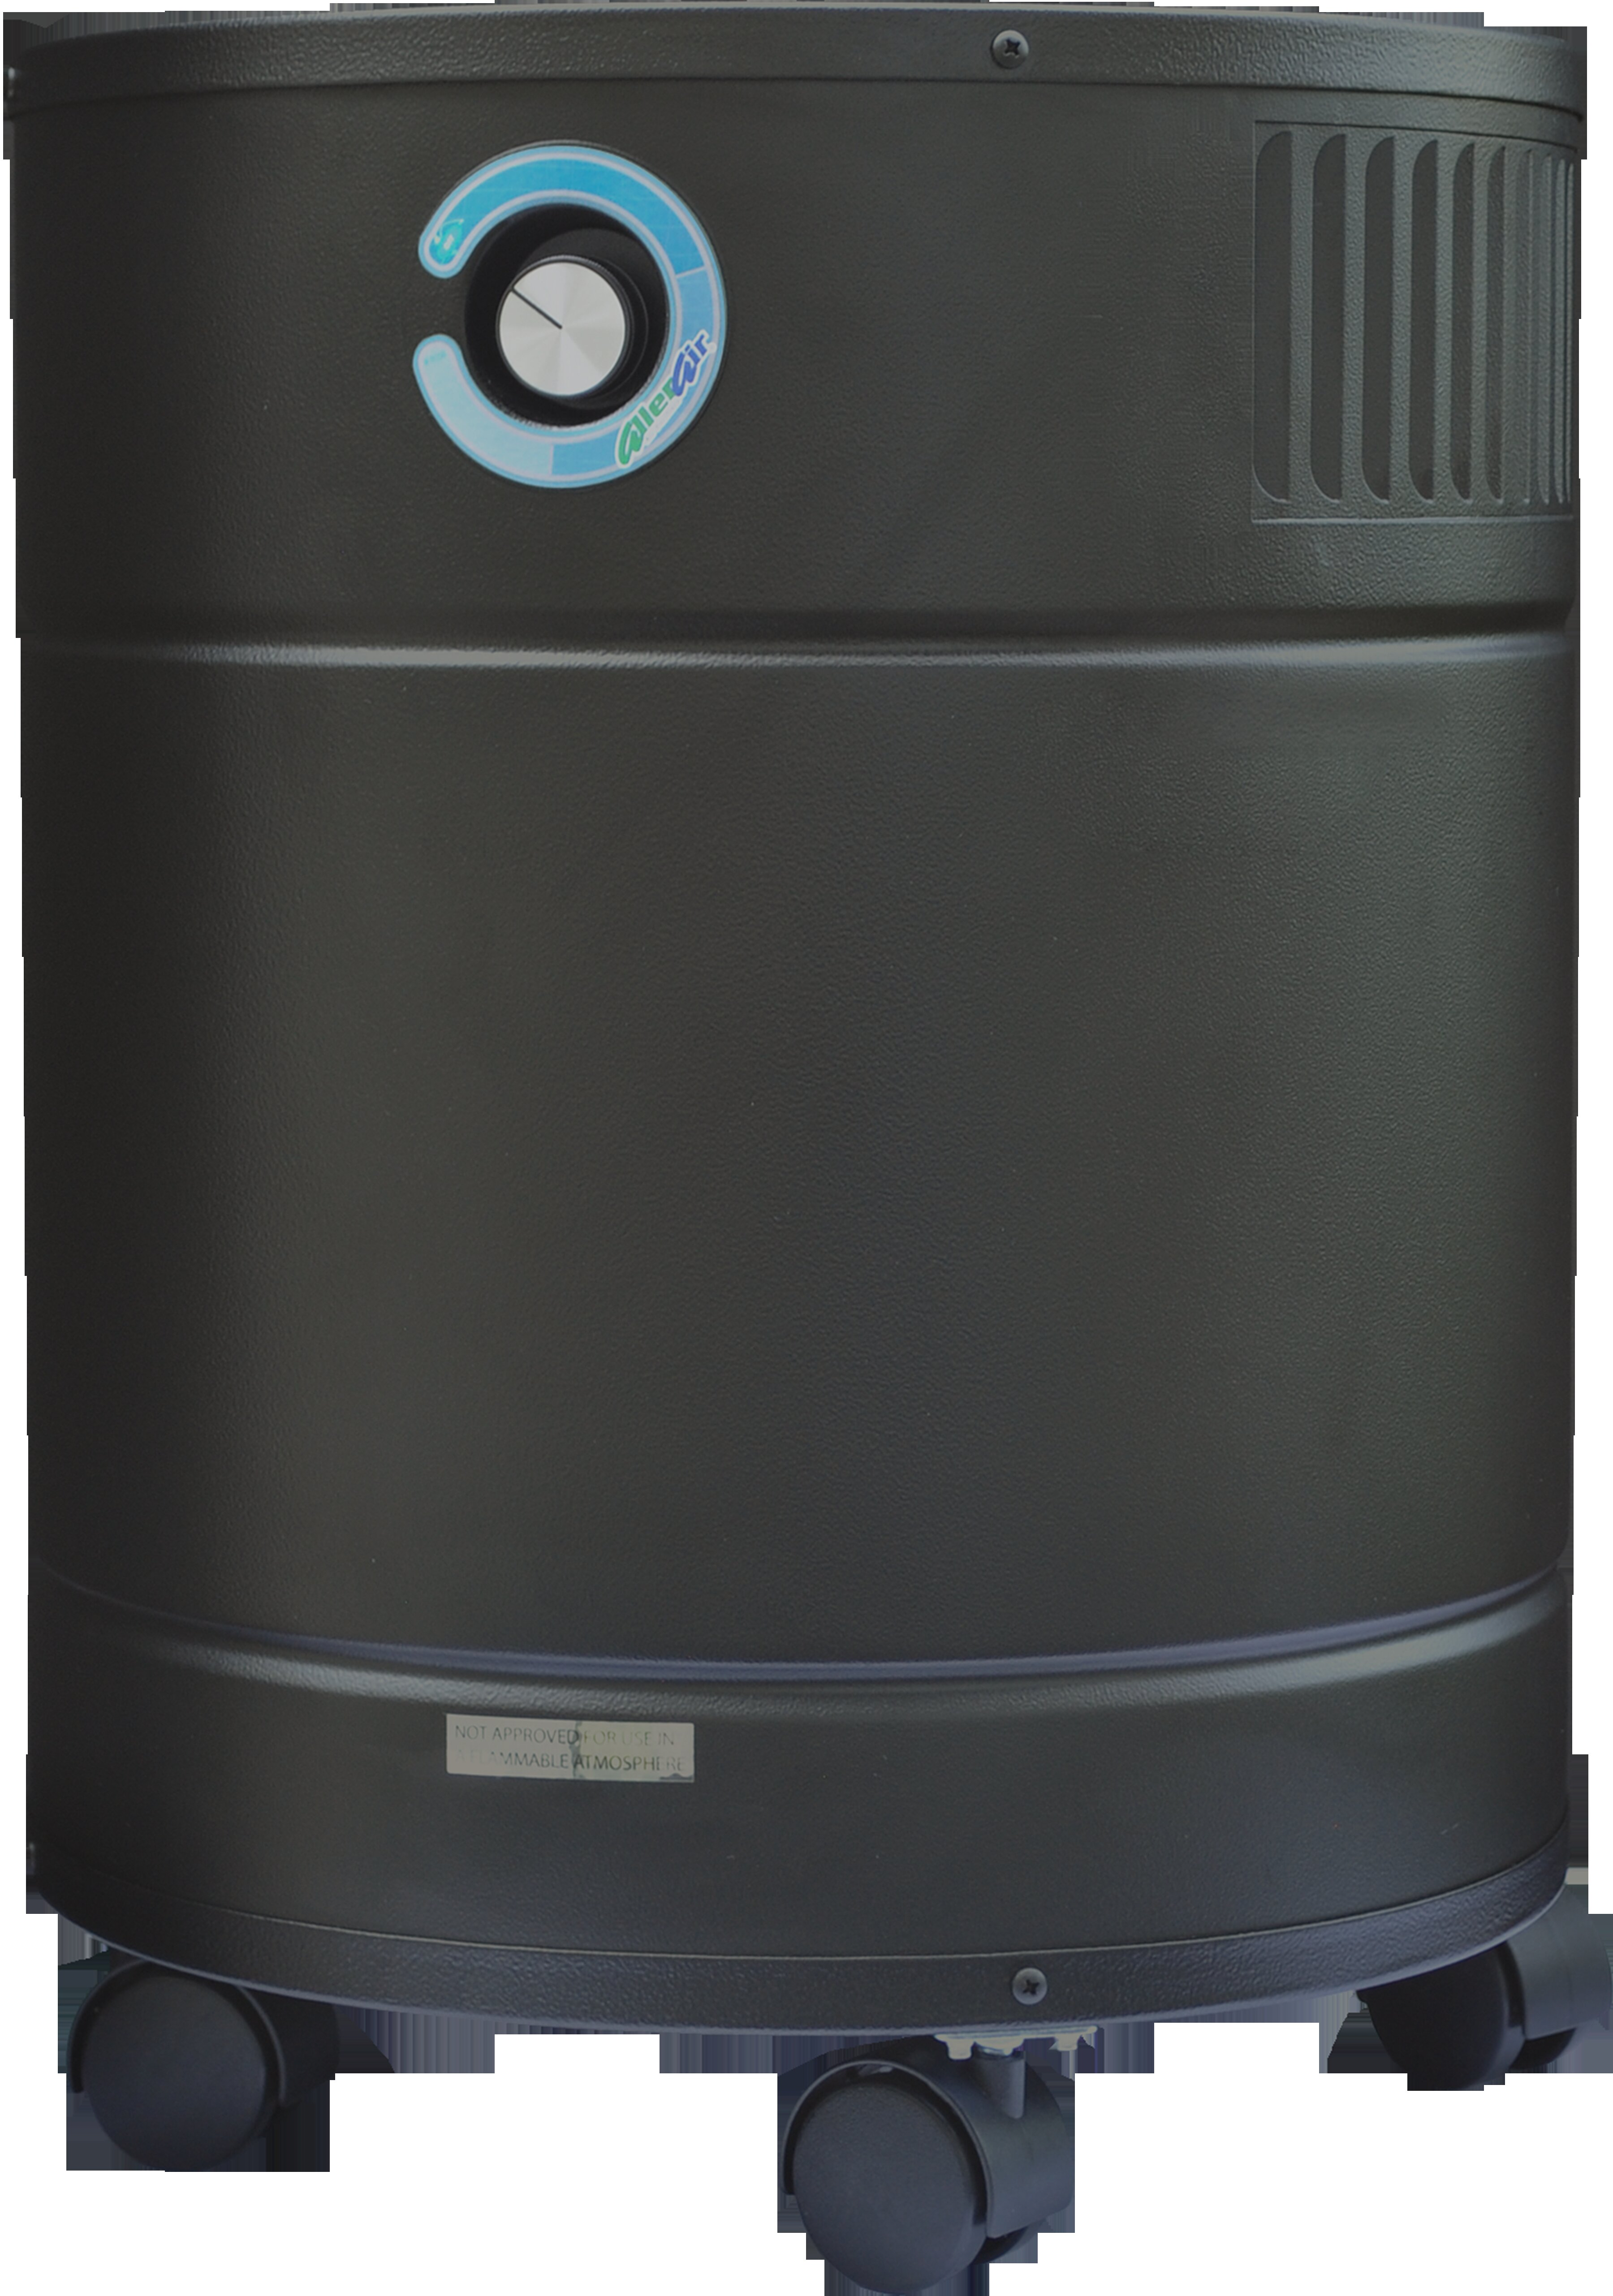 Allerair Airmedic Pro 5 Hd Vocarb Room Hepa Air Purifier Wayfair